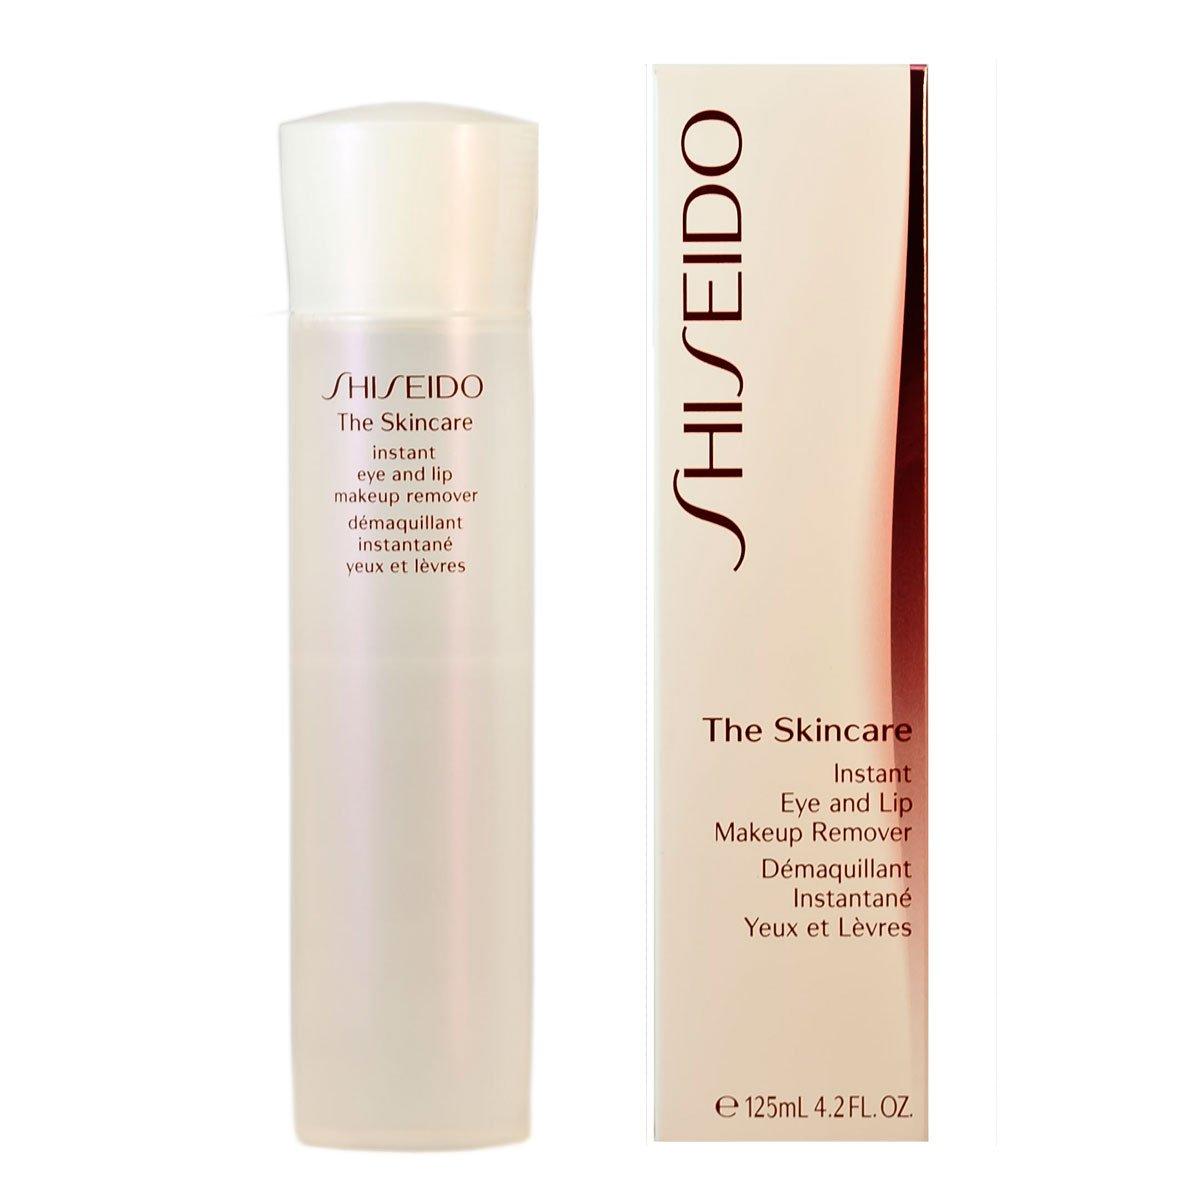 Shiseido Removedor De Maquillaje Para Ojos Y Labios 125 ml Único BBB0256 53064